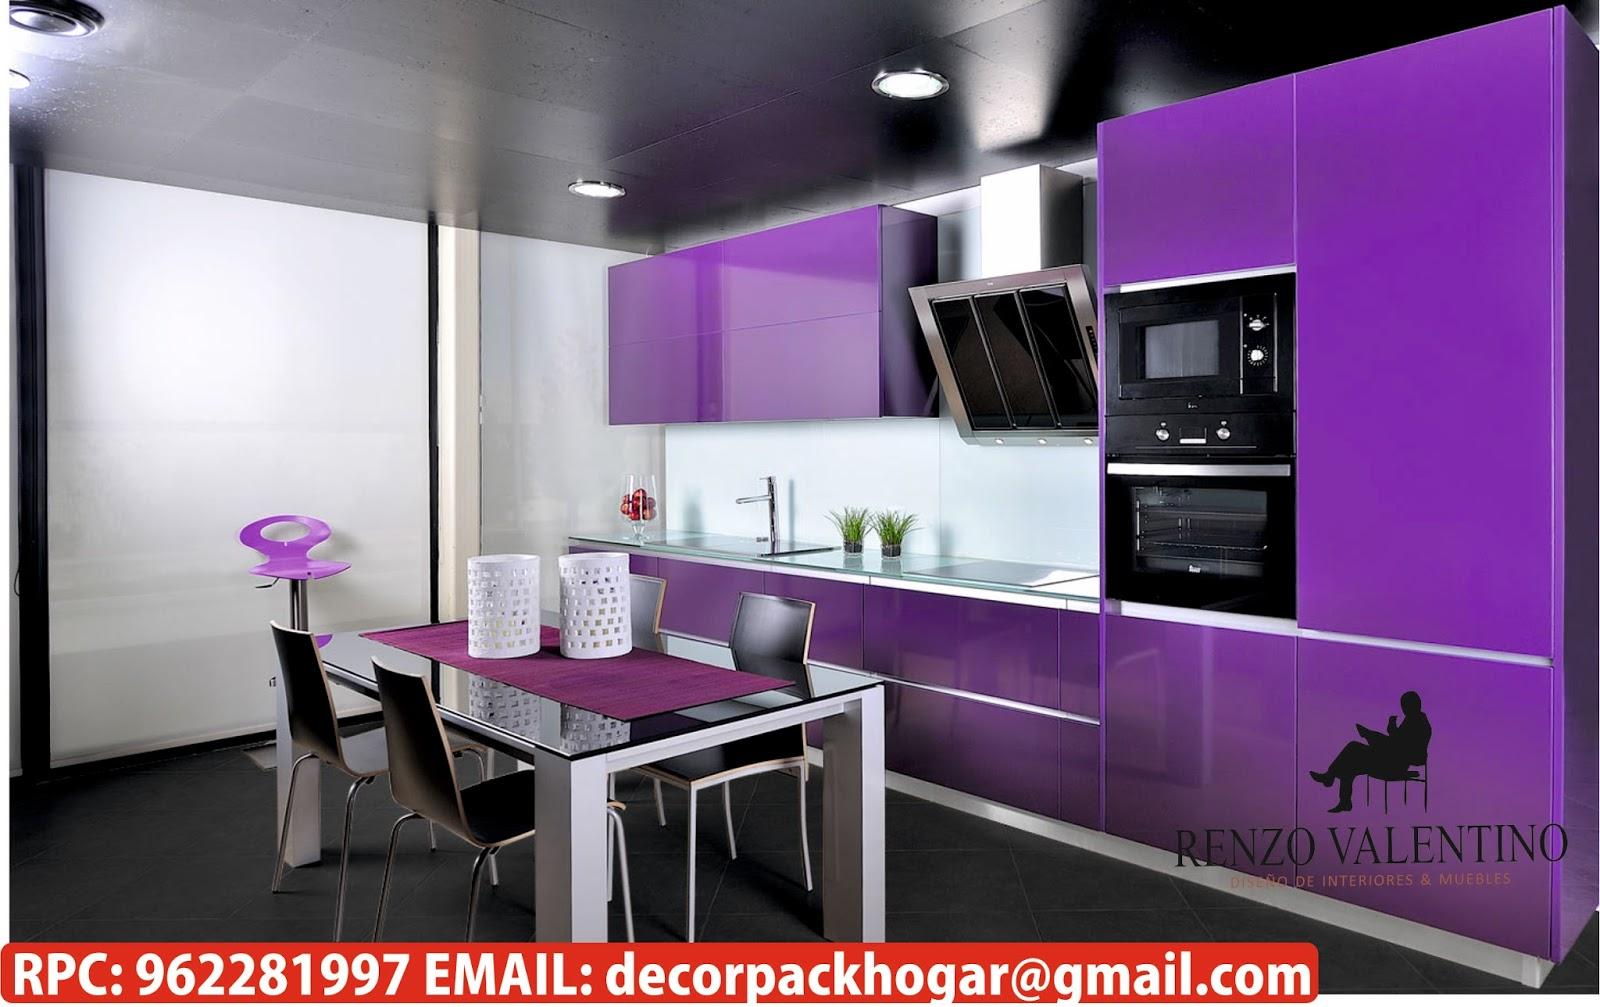 Dise os fabricacion de closet cocina y muebles de oficina for Muebles de cocina 25 cm